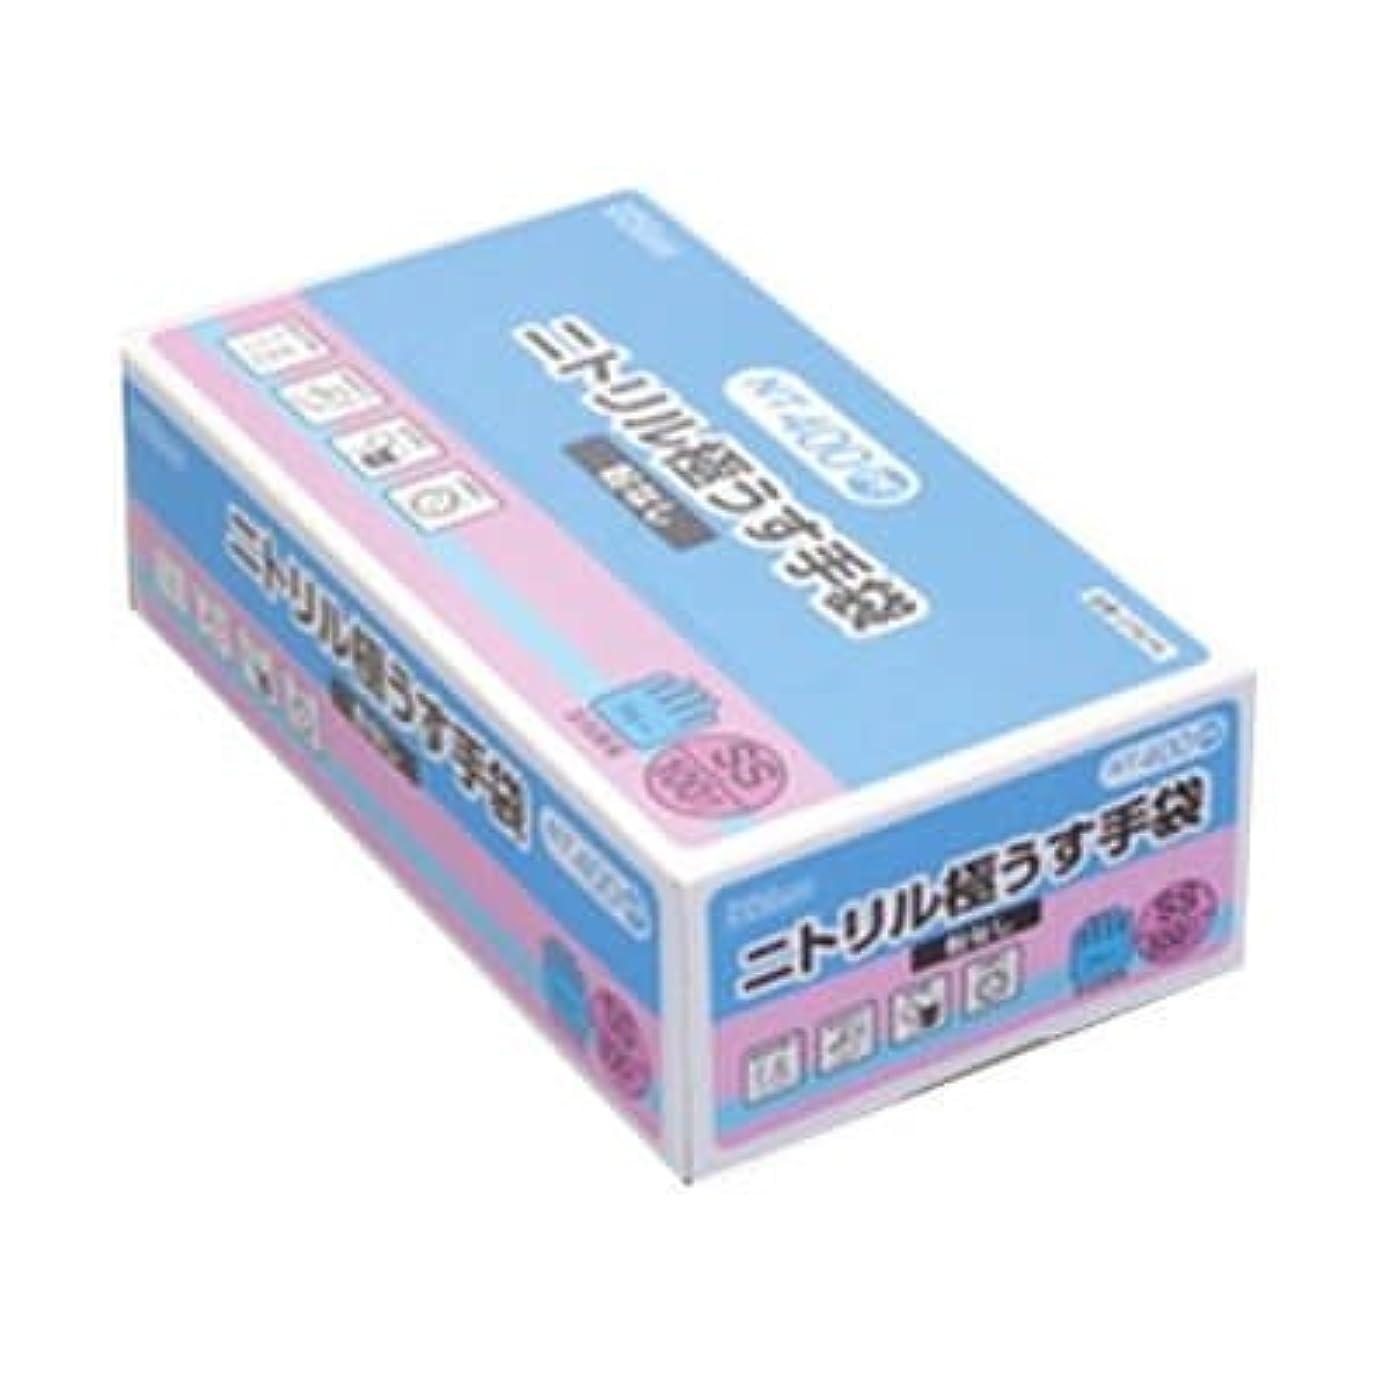 無駄なプロペラいわゆる【ケース販売】 ダンロップ ニトリル極うす手袋 粉無 SS ブルー NT-400 (100枚入×20箱)